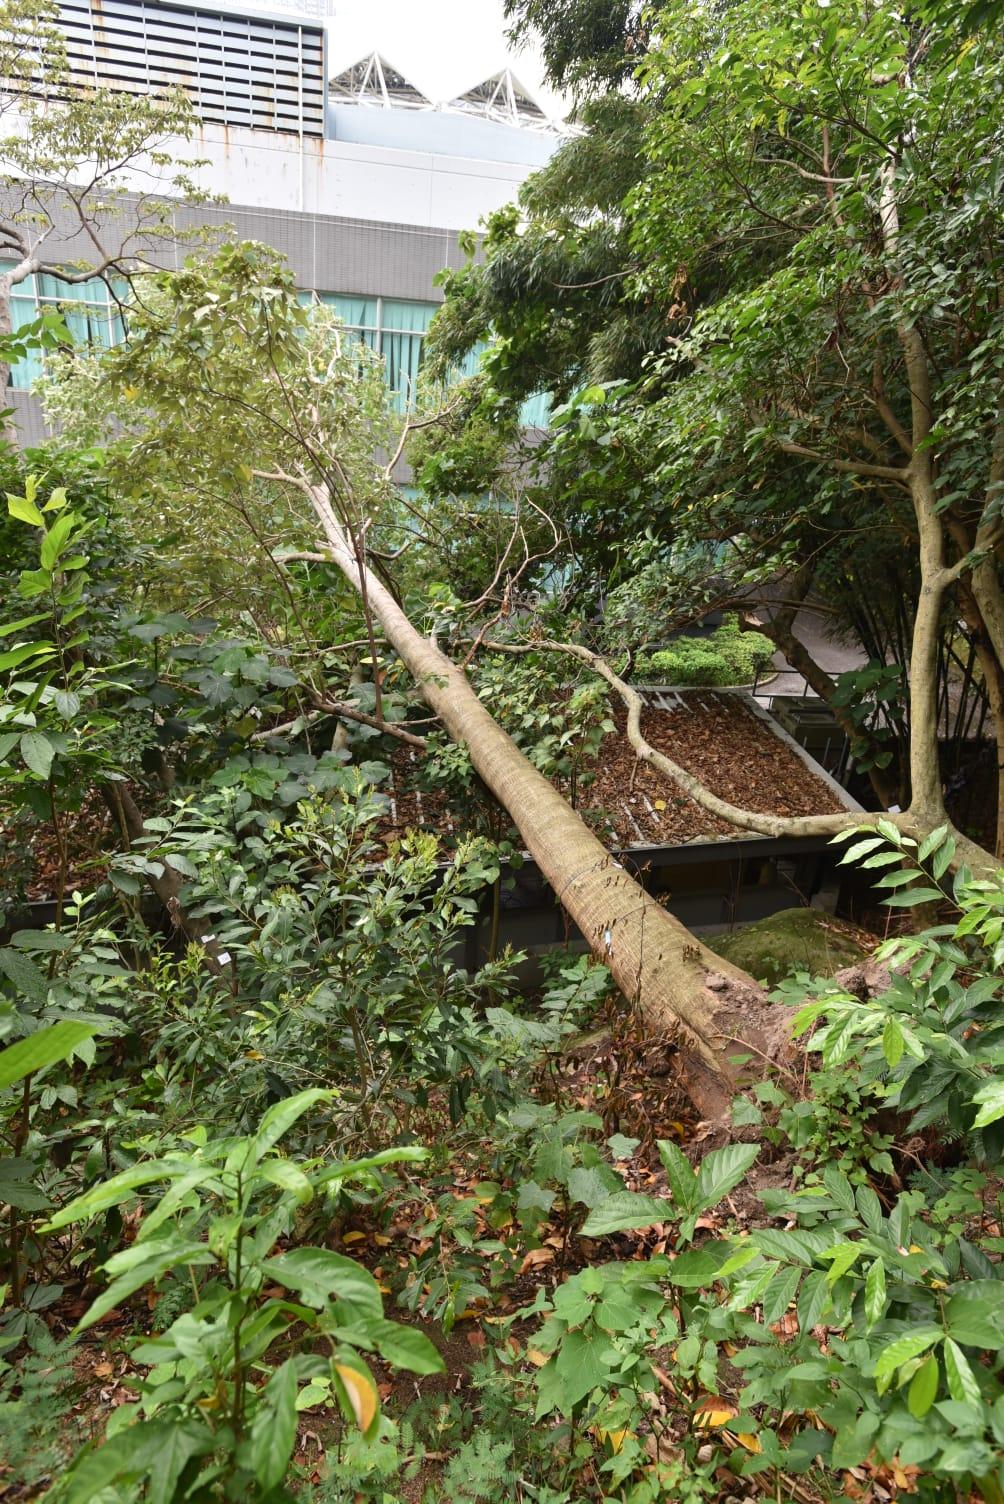 一棵約15米高的大樹突然塌下,壓住寫字樓的頂部。 楊偉亨攝